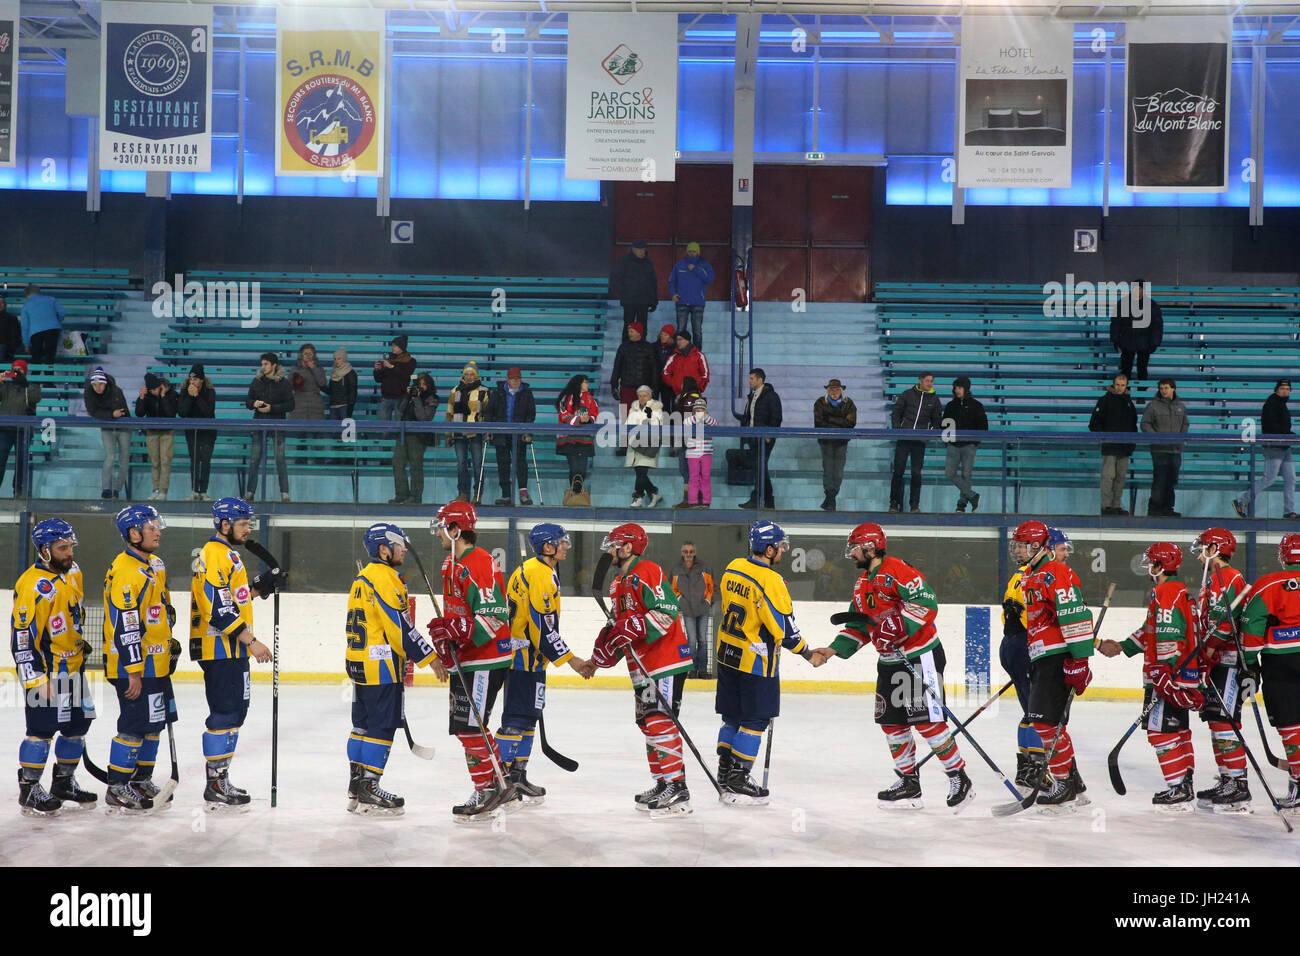 Ice Hockey match.  Hockey teams.  France. - Stock Image